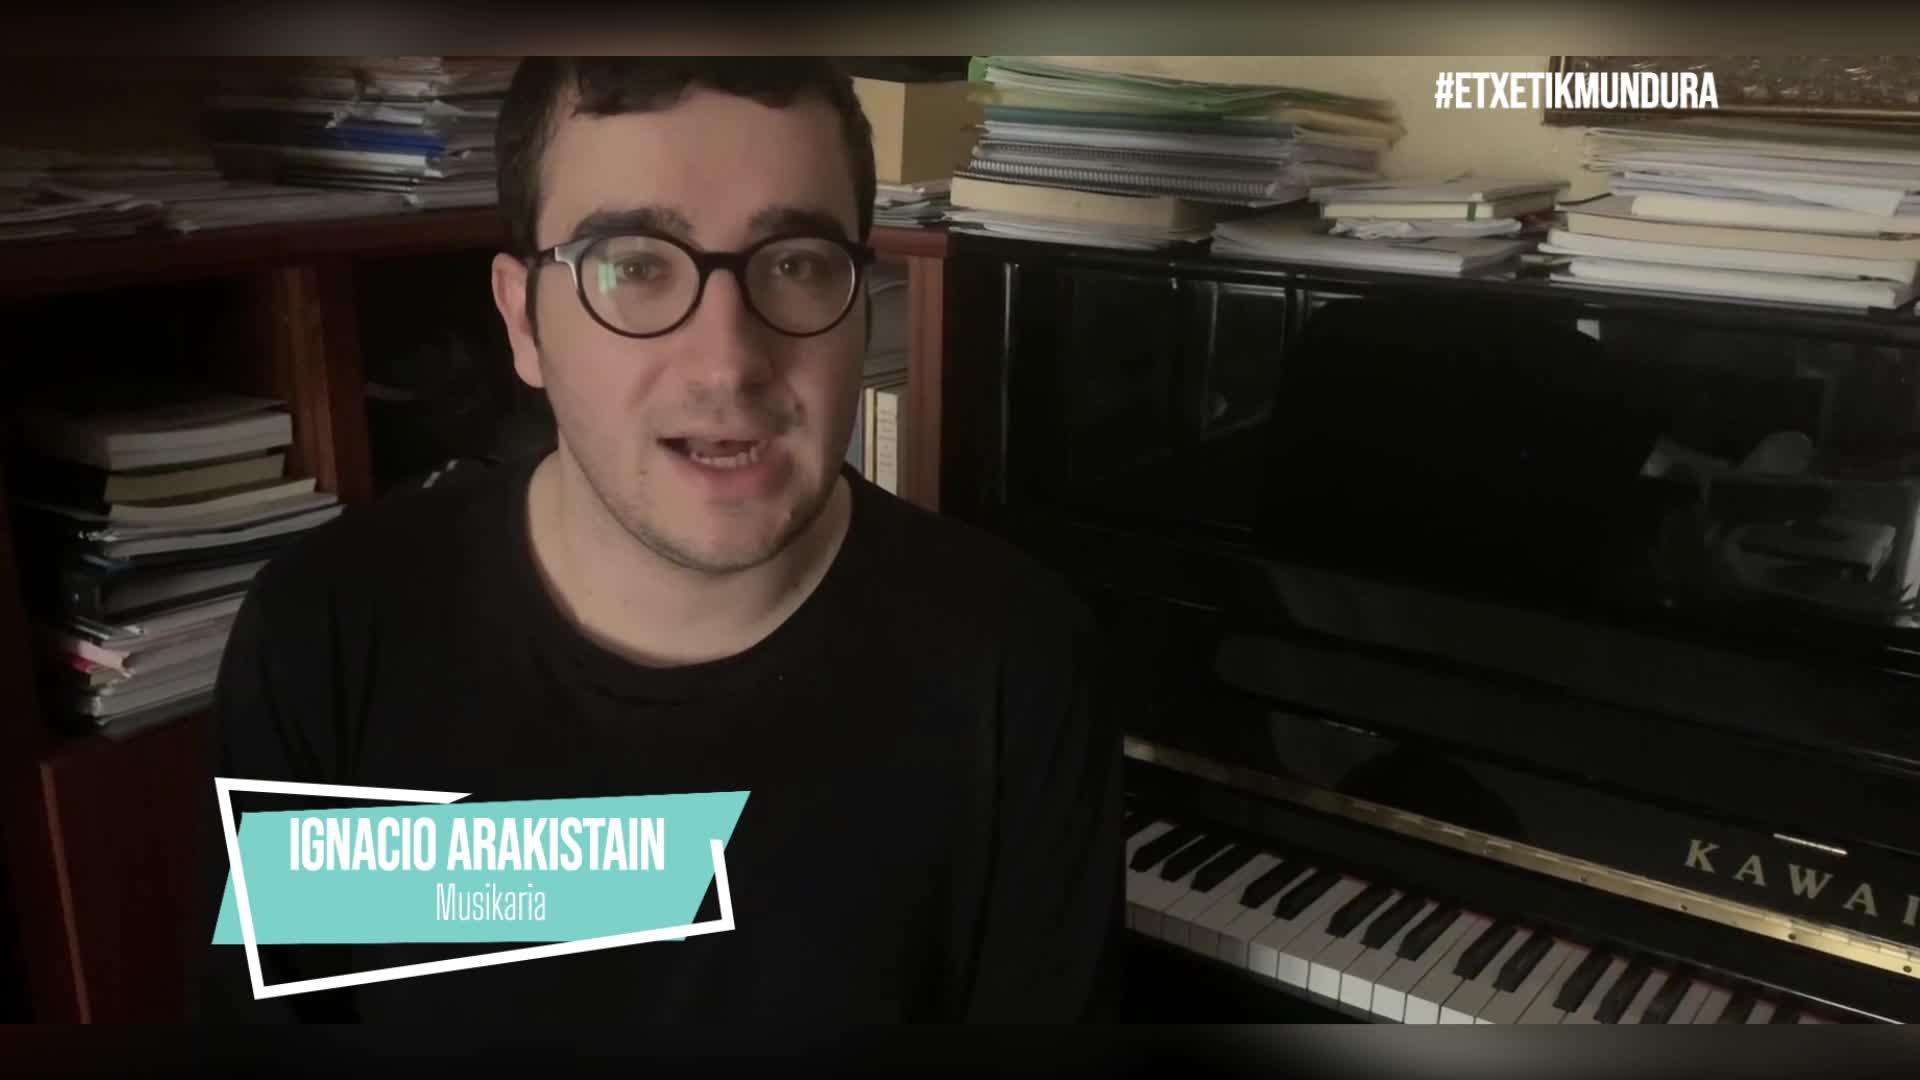 Ignacio Arakistainen musika, etxetik mundura